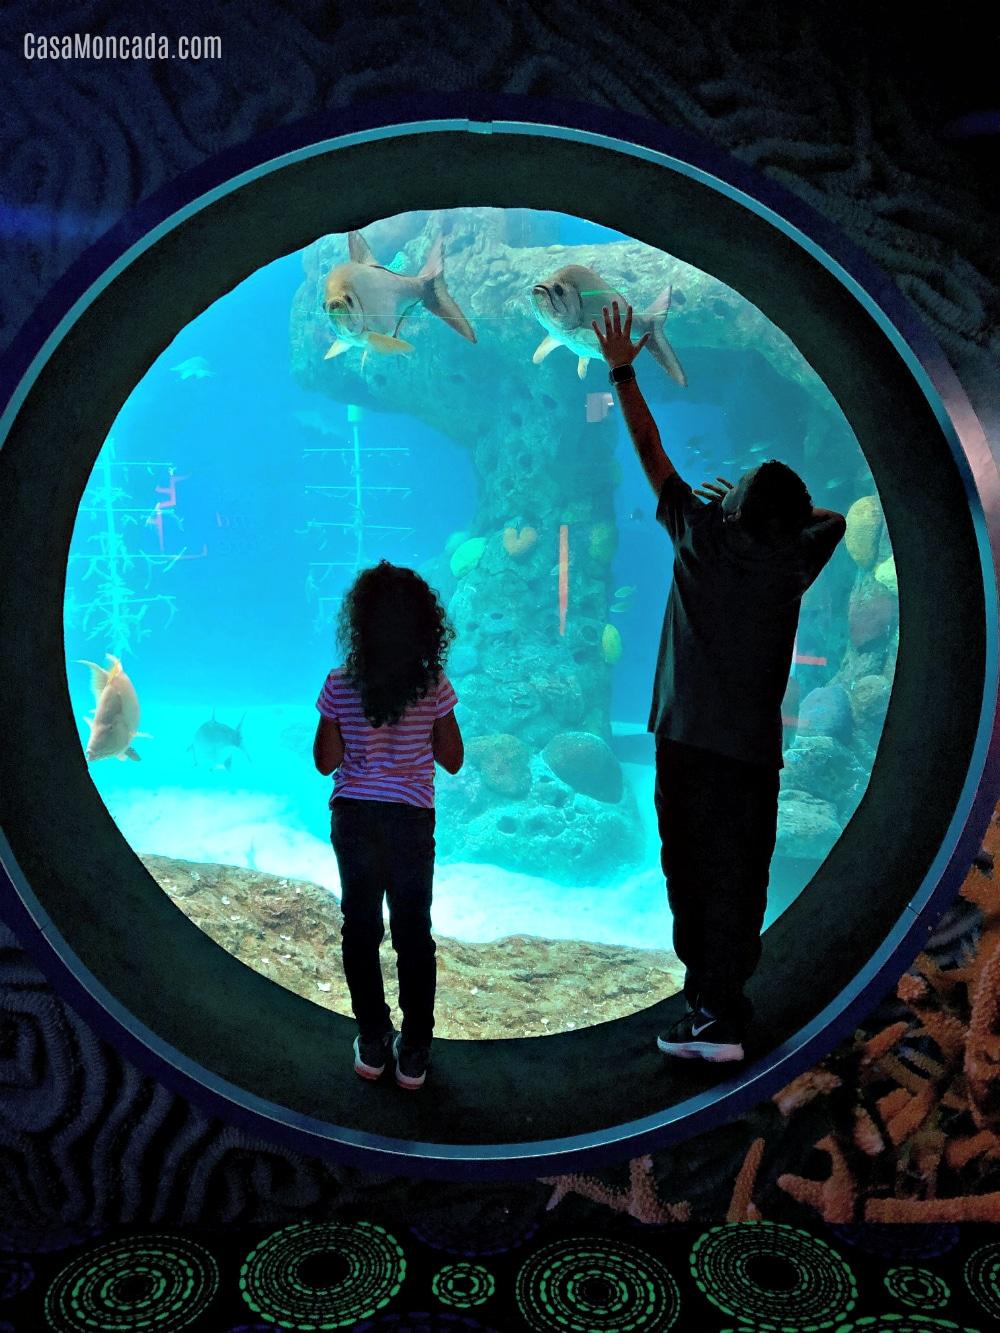 The Florida Aquarium tank